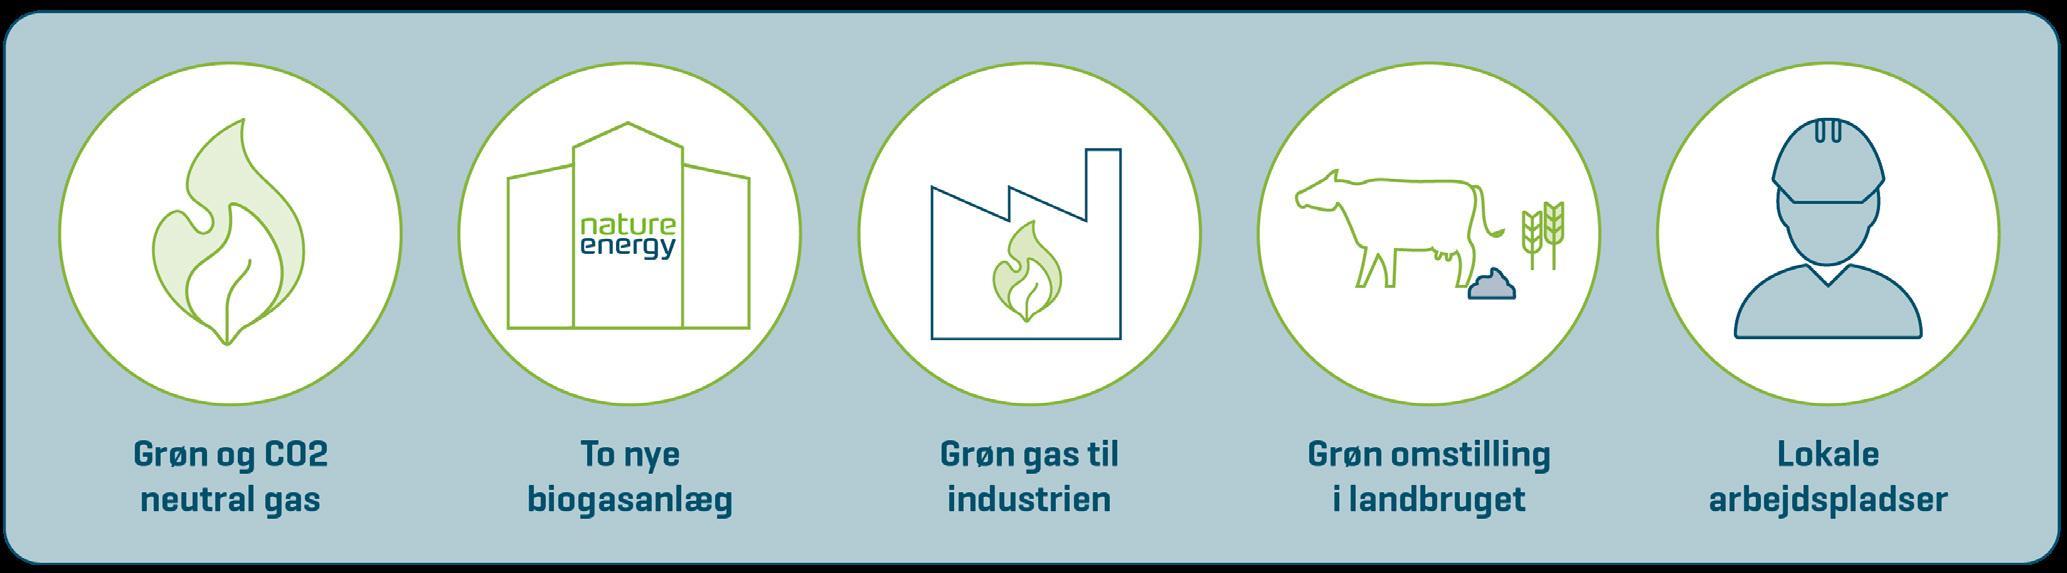 Page 18 of TEMA: Biogas til Lolland-Falster rummer stort potentiale